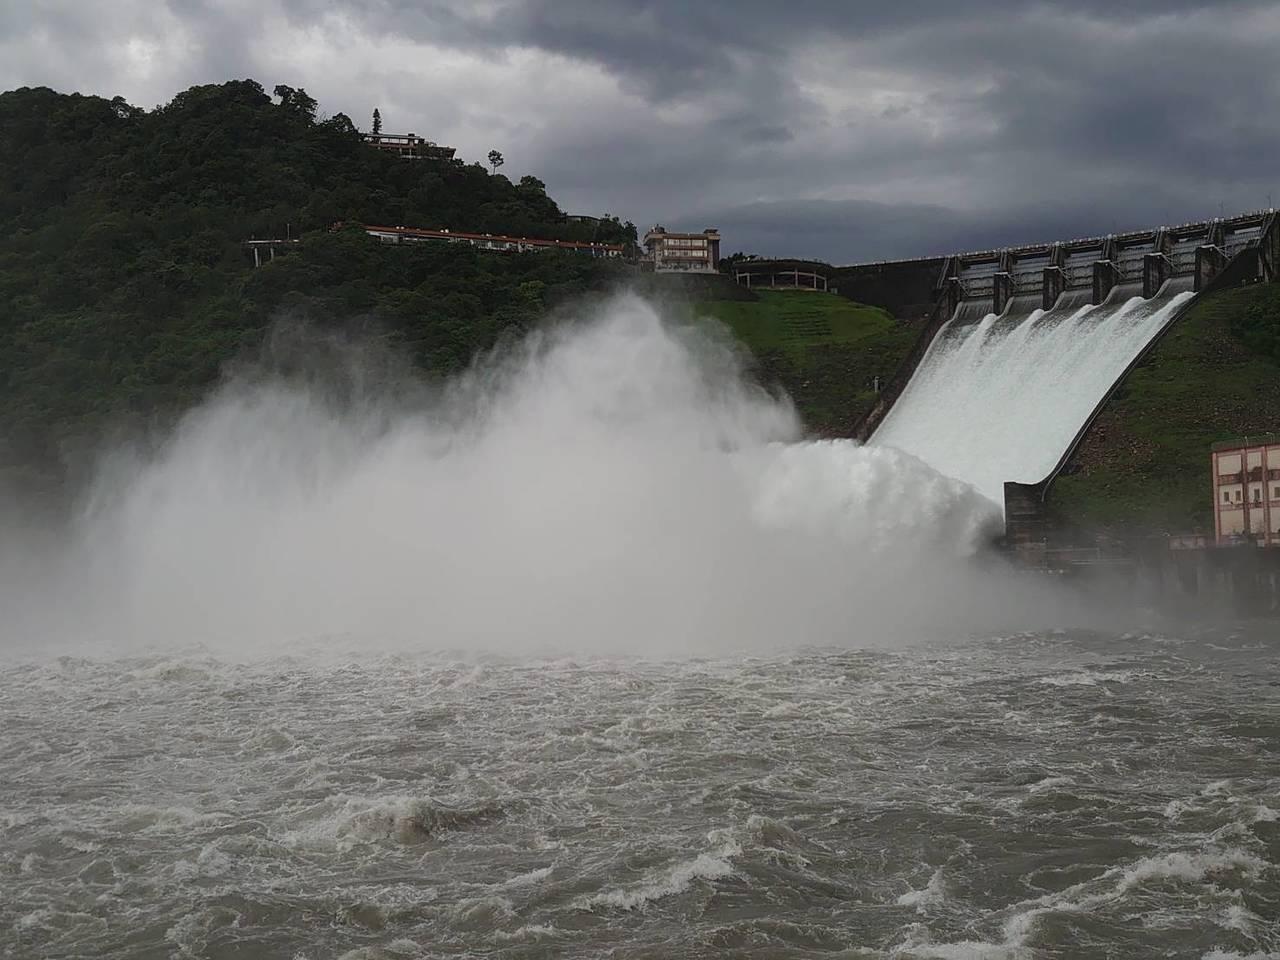 水庫排洪大部分的水流入大漢溪,少部分會提供中庄調整池、鳶山堰儲滿水。圖/北區水資...